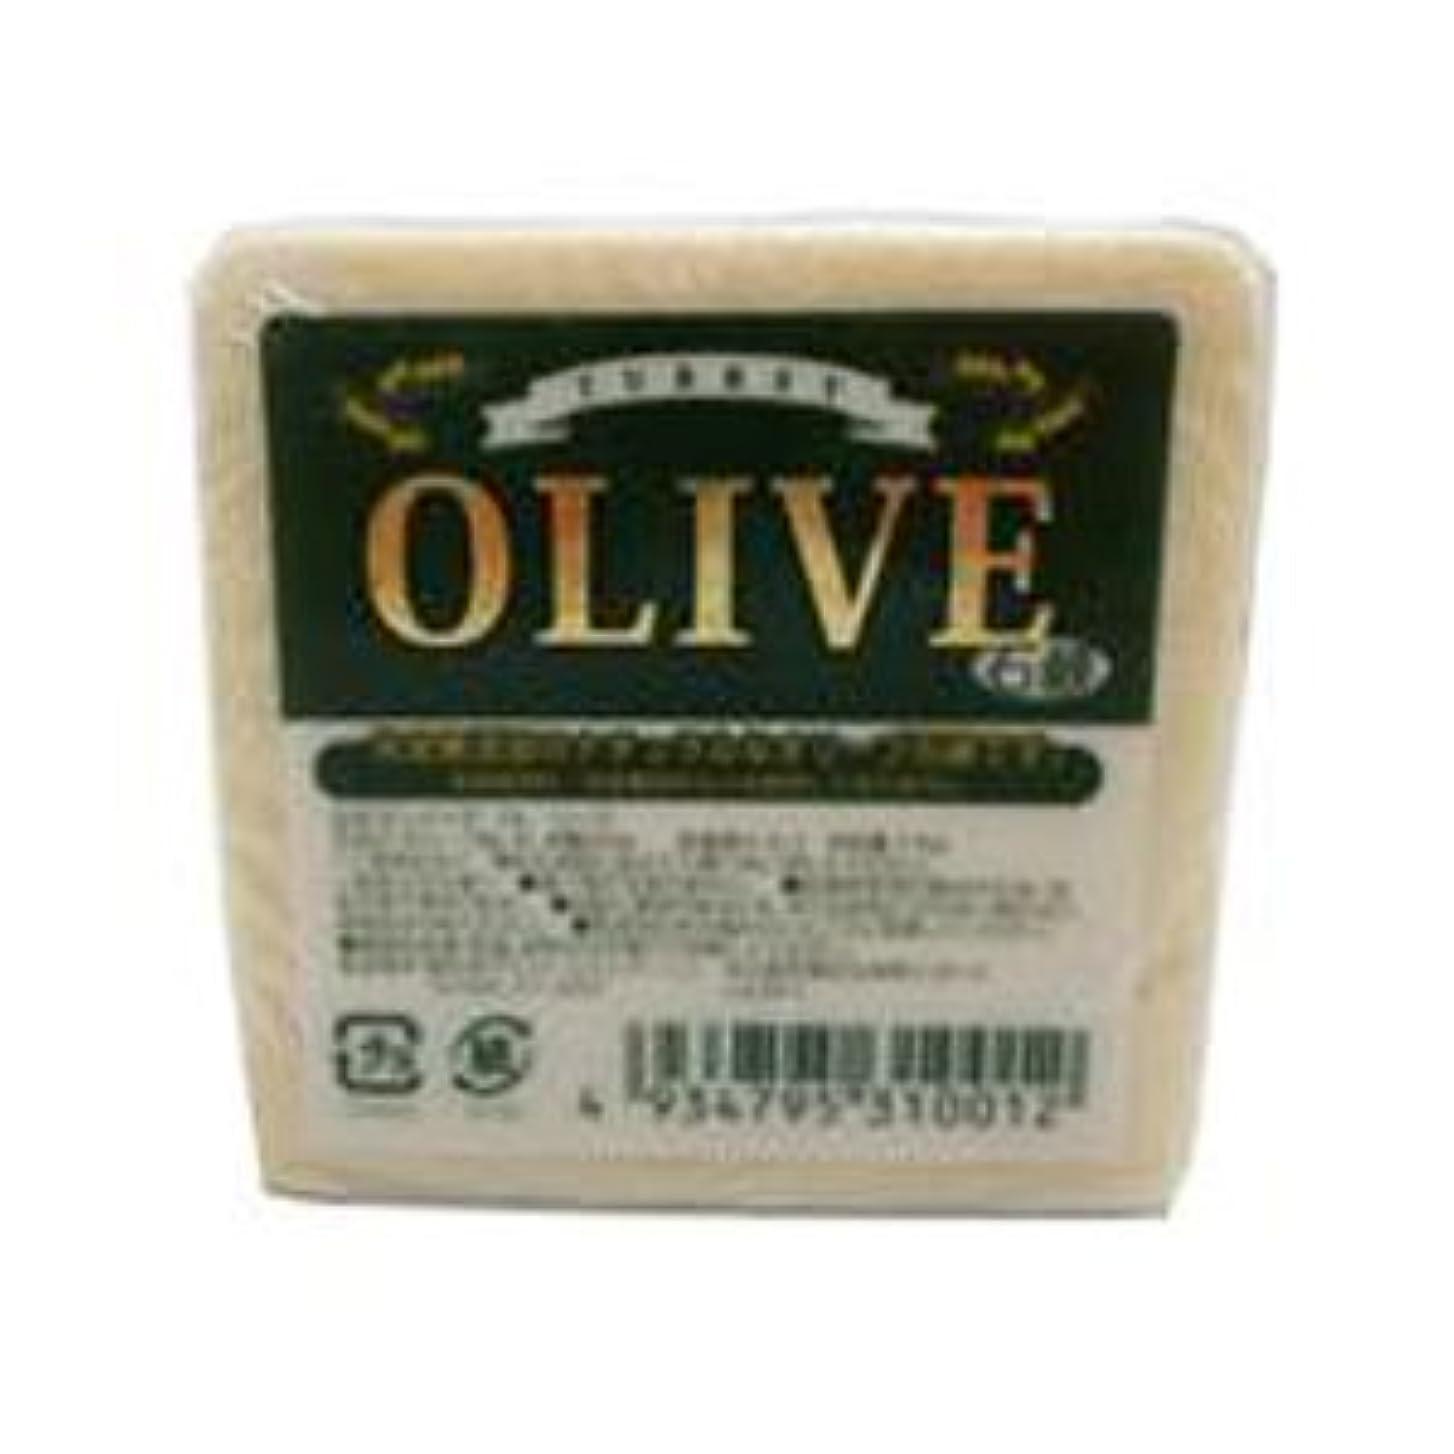 非常に怒っています遺産こどもの日お得な10個セット トルコ産オリーブを使用した無添加石鹸 ターキーオリーブ石鹸 135g